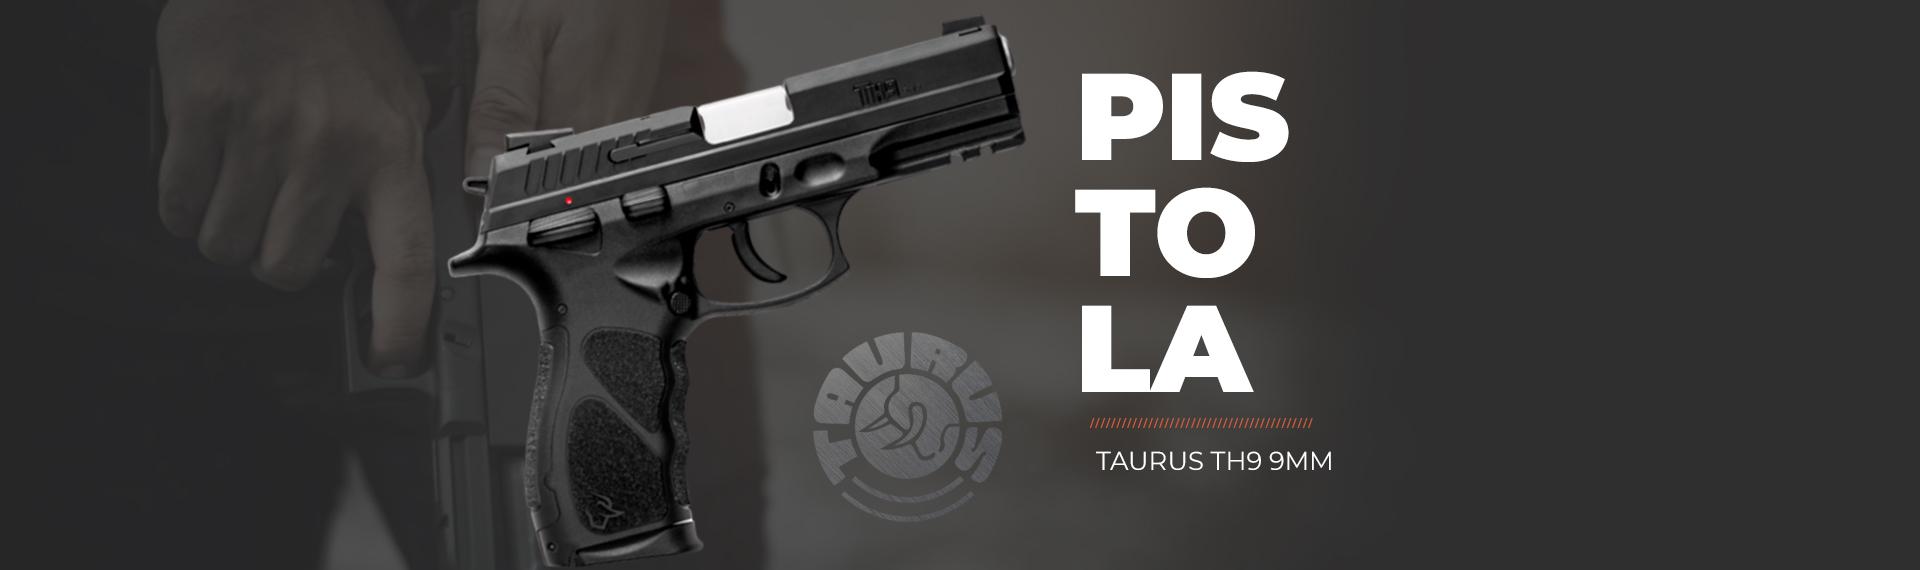 Pistola Taurus TH9 9mm